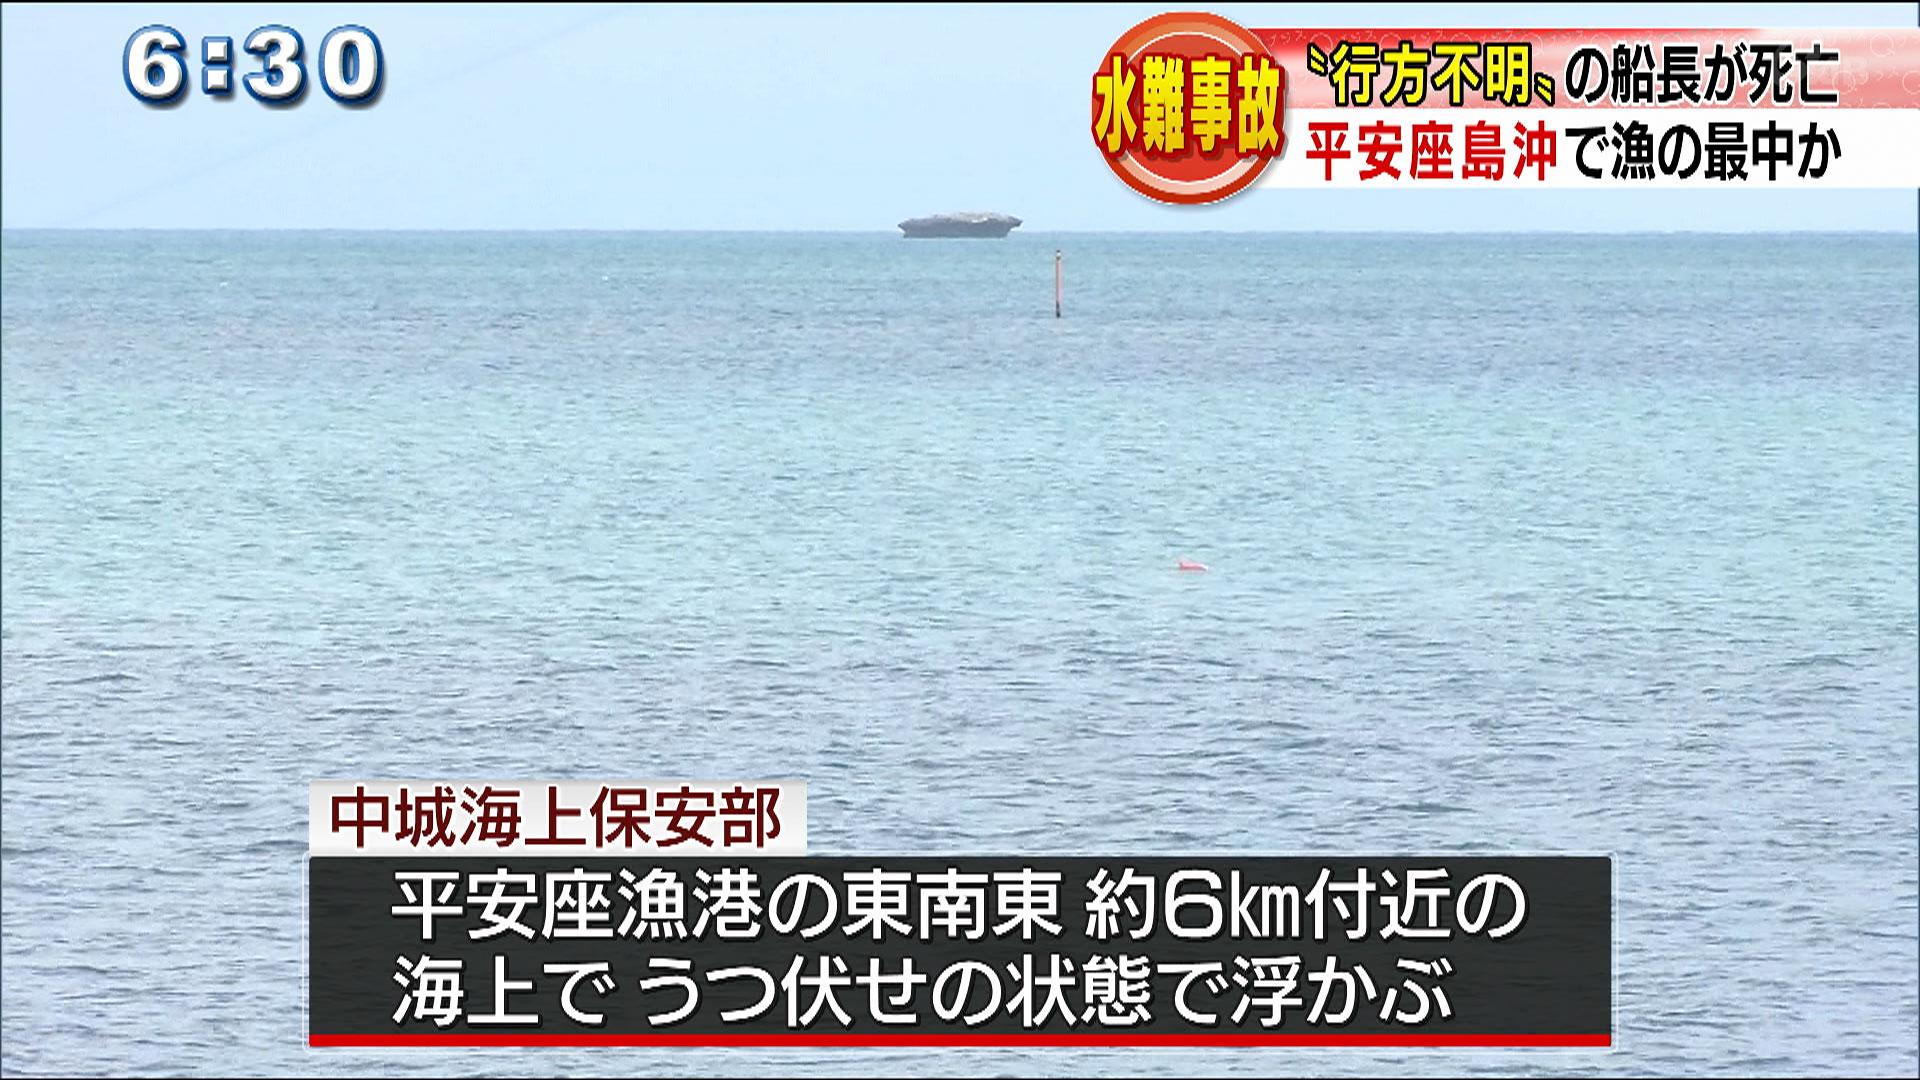 行方不明の男性漁師 死亡を確認